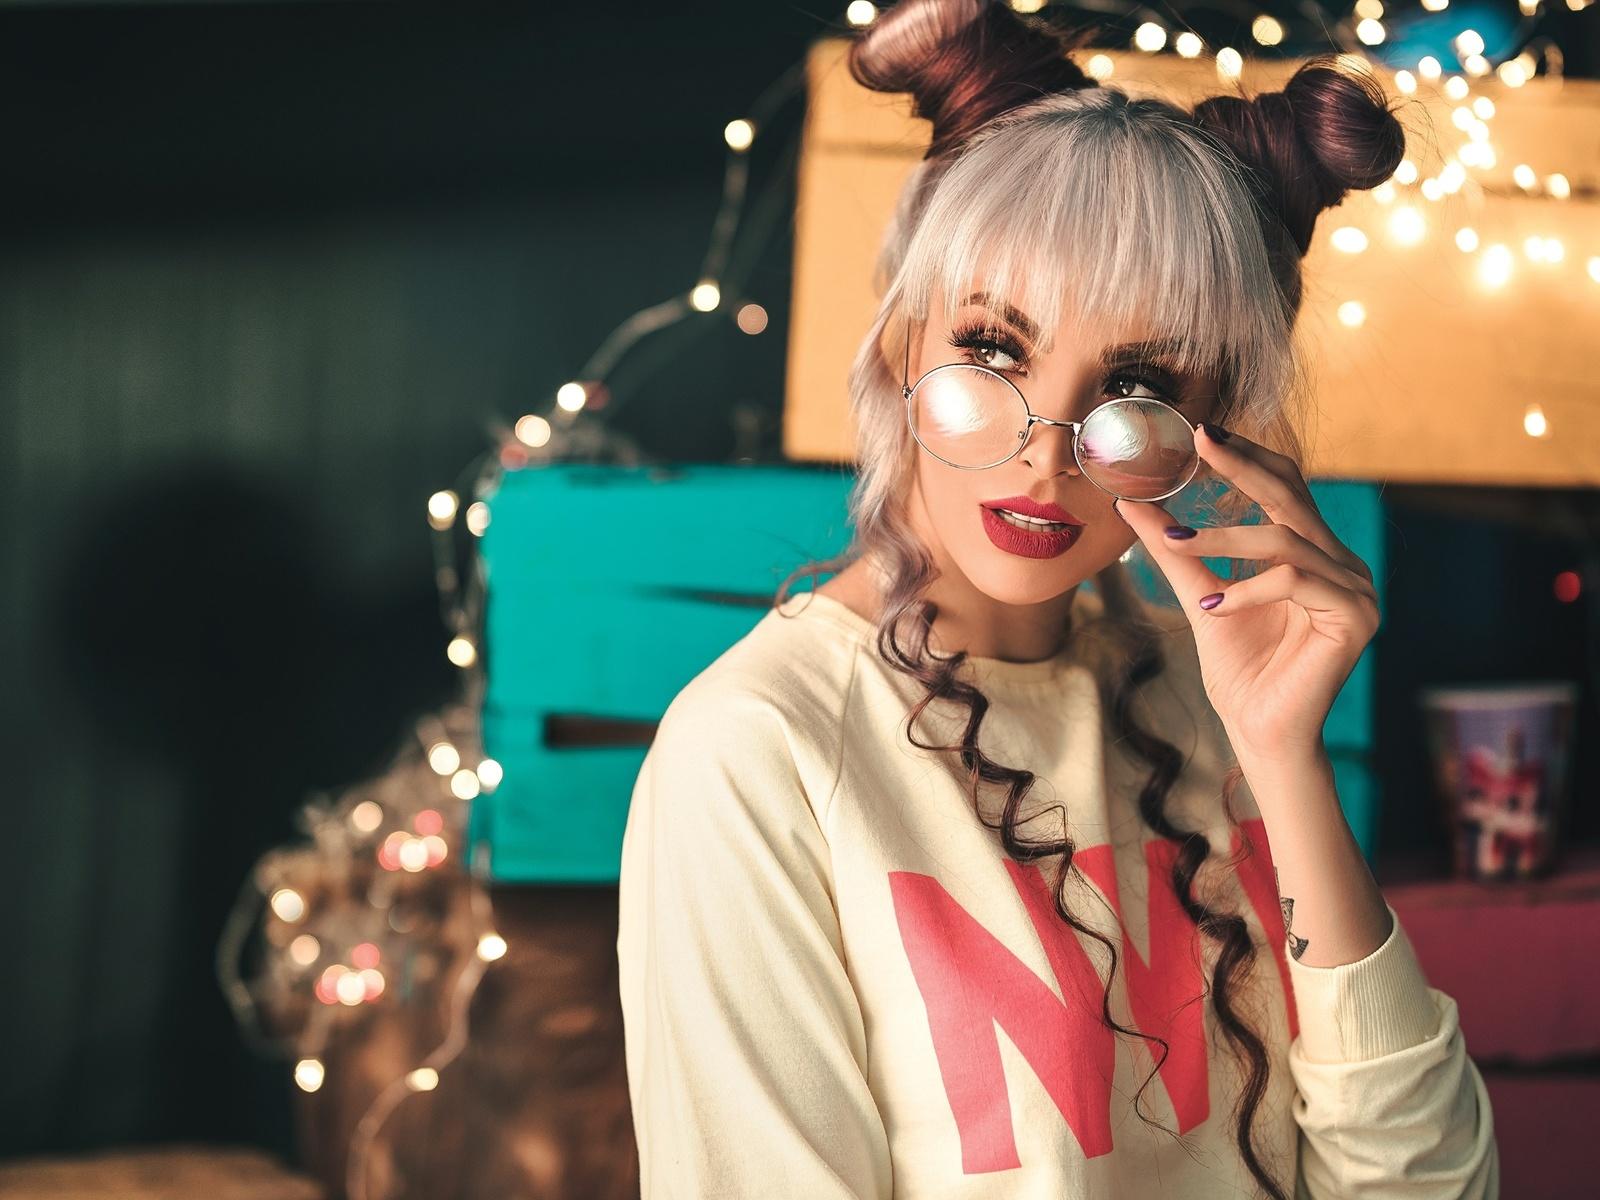 взгляд, девушка, макияж, очки, блондинка, ящики, причёска, гирлянда, лампочки, коробки, маникюр, пучки, ali pazani